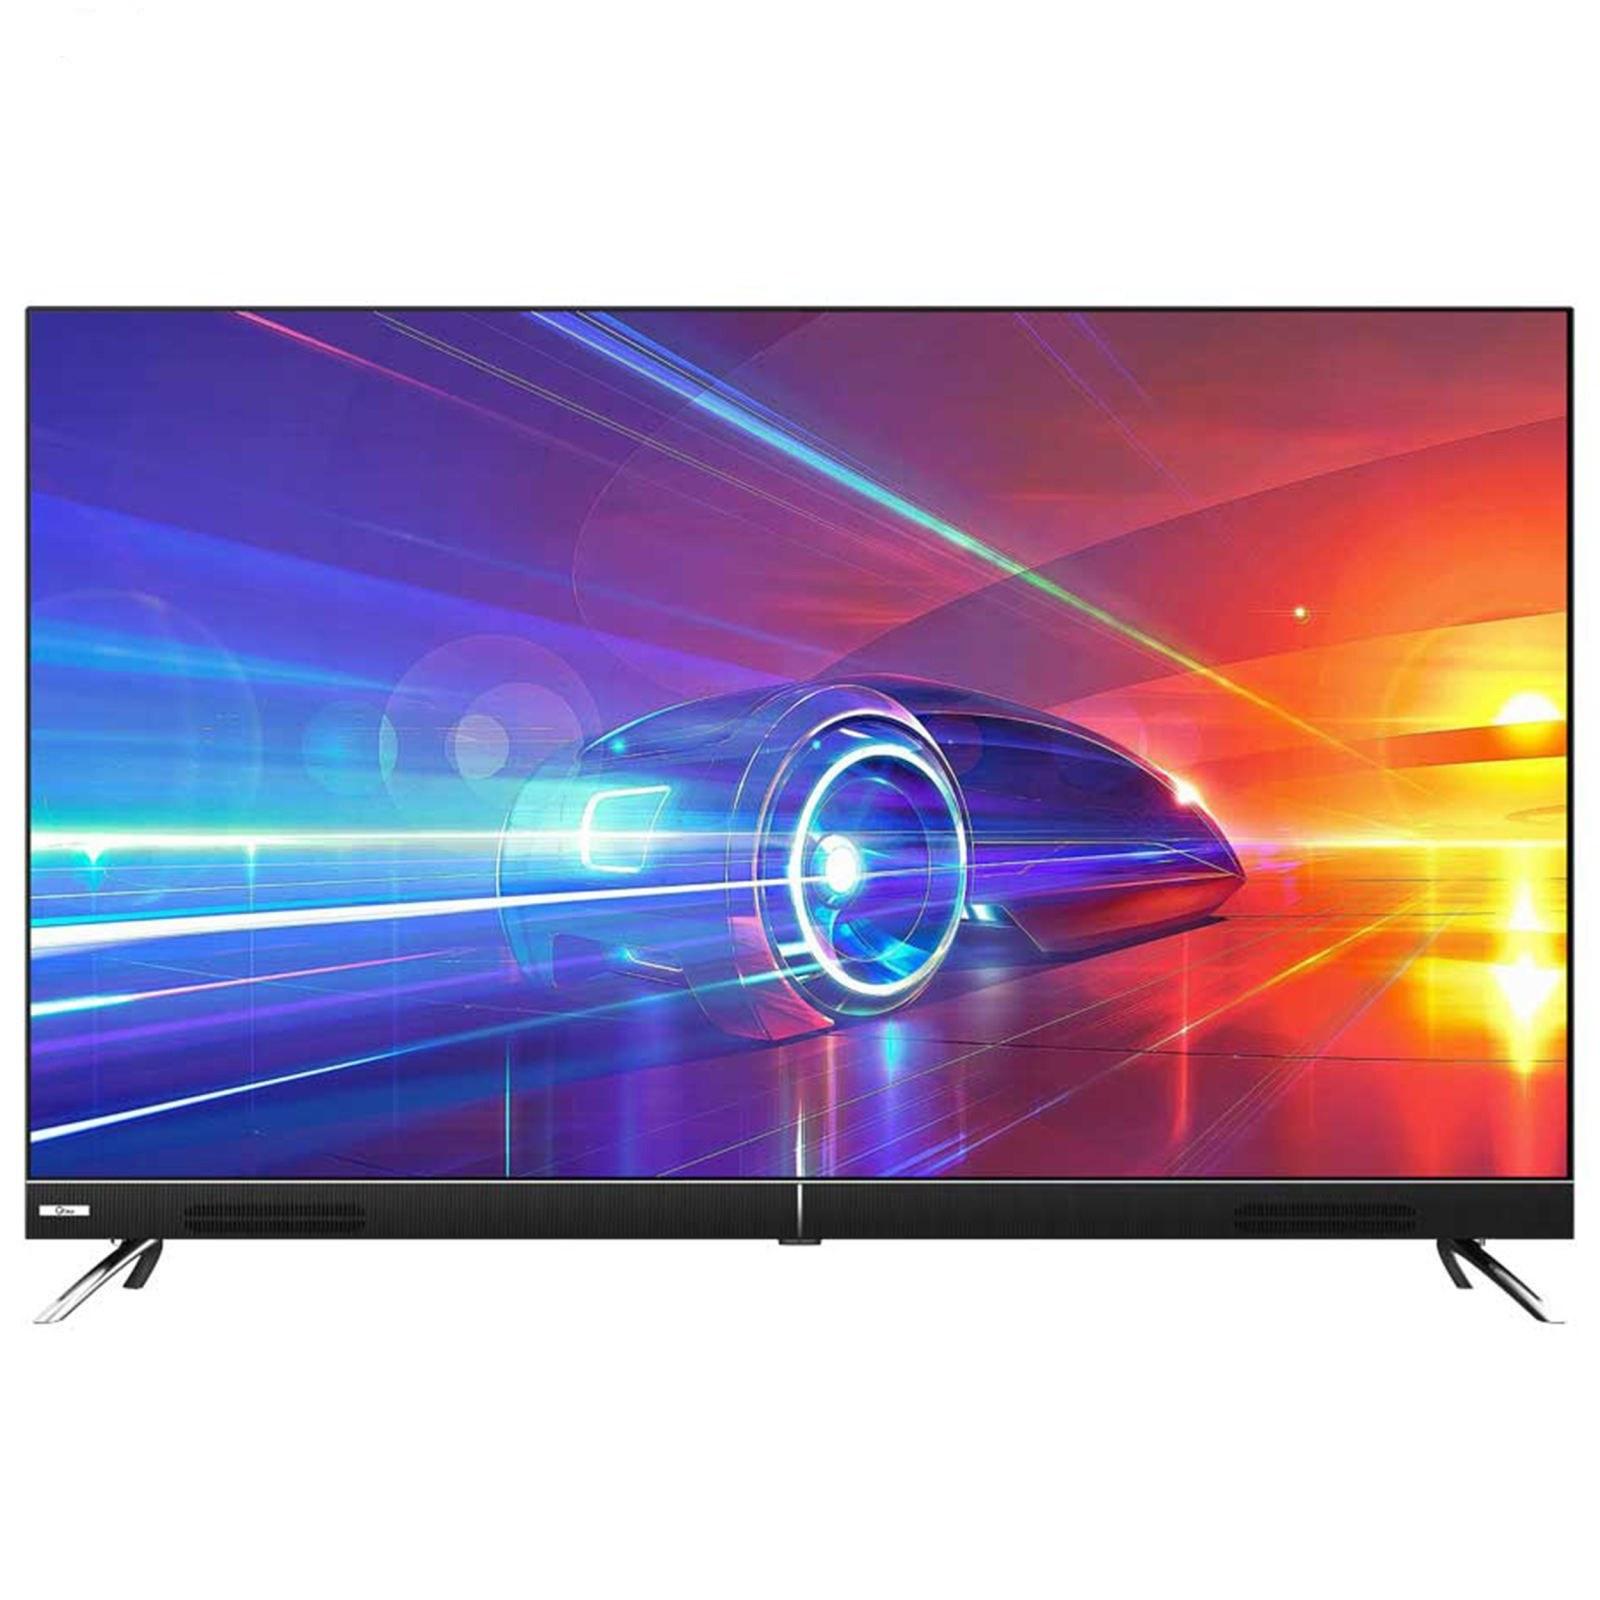 تصویر تلویزیون جی پلاس مدل GTV-50KU722S GTV-50KU722S UltraHD - 4k